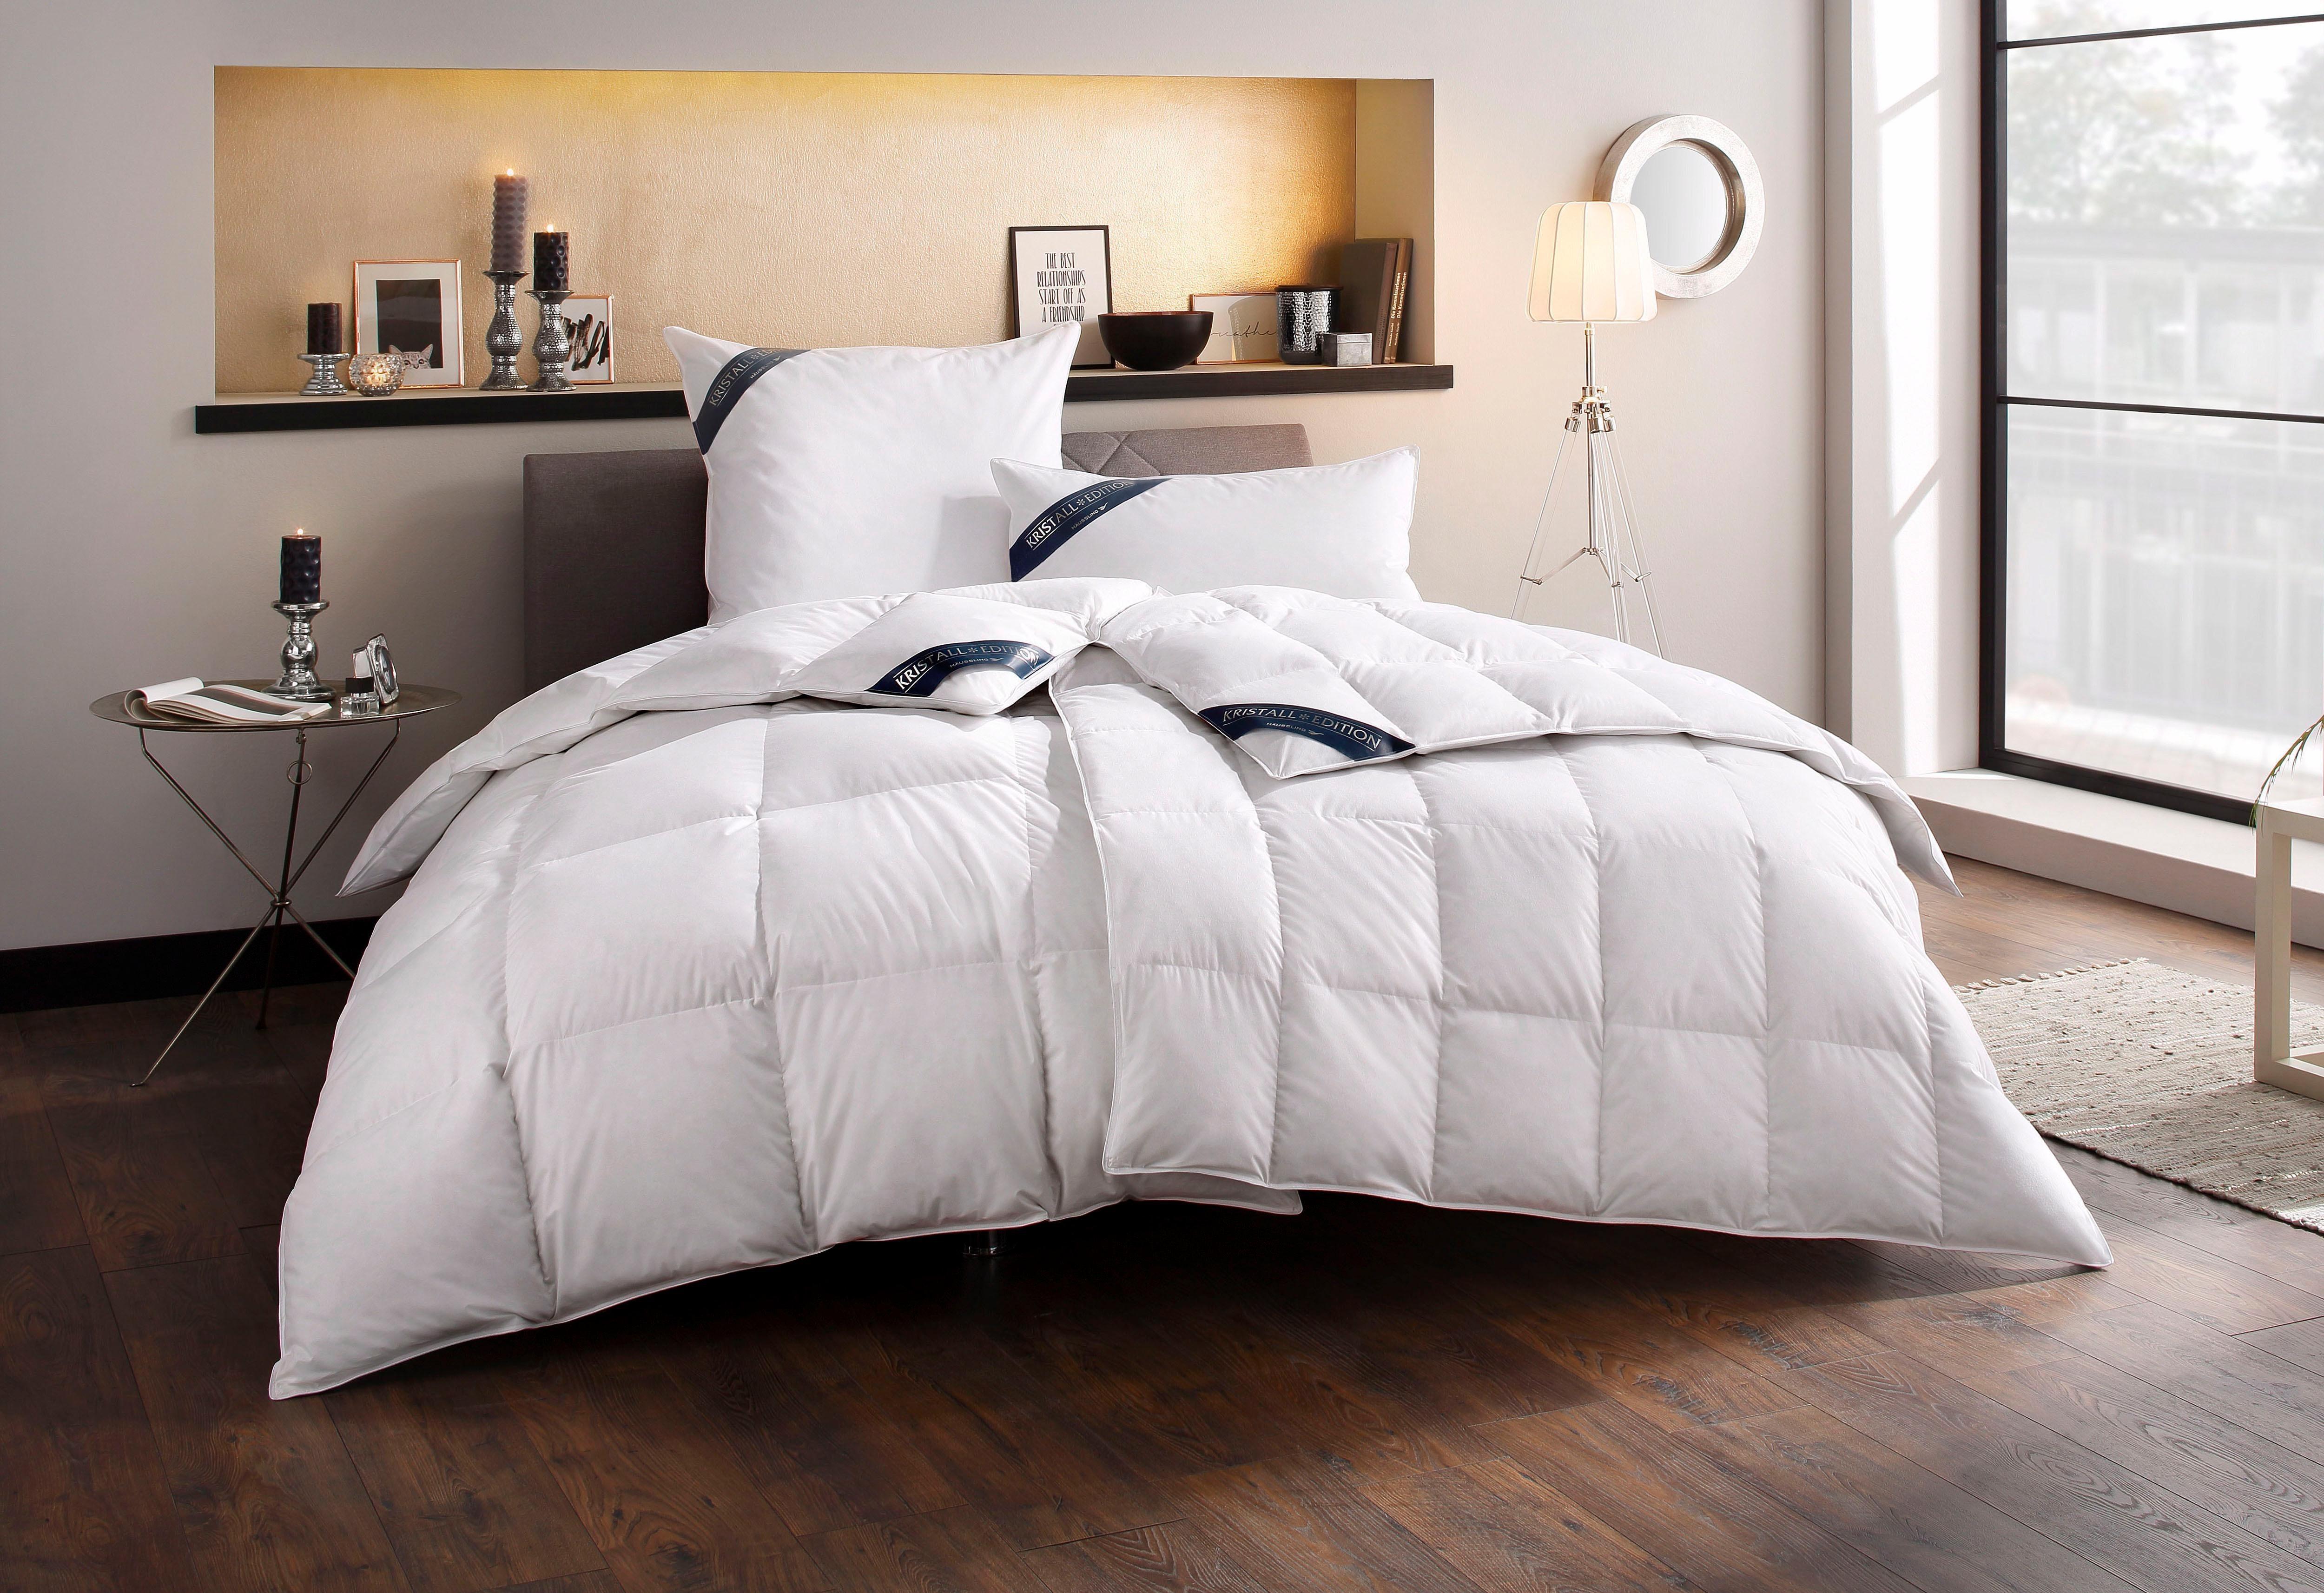 Daunendecke 155x220 Warm Preisvergleich Die Besten Angebote Online